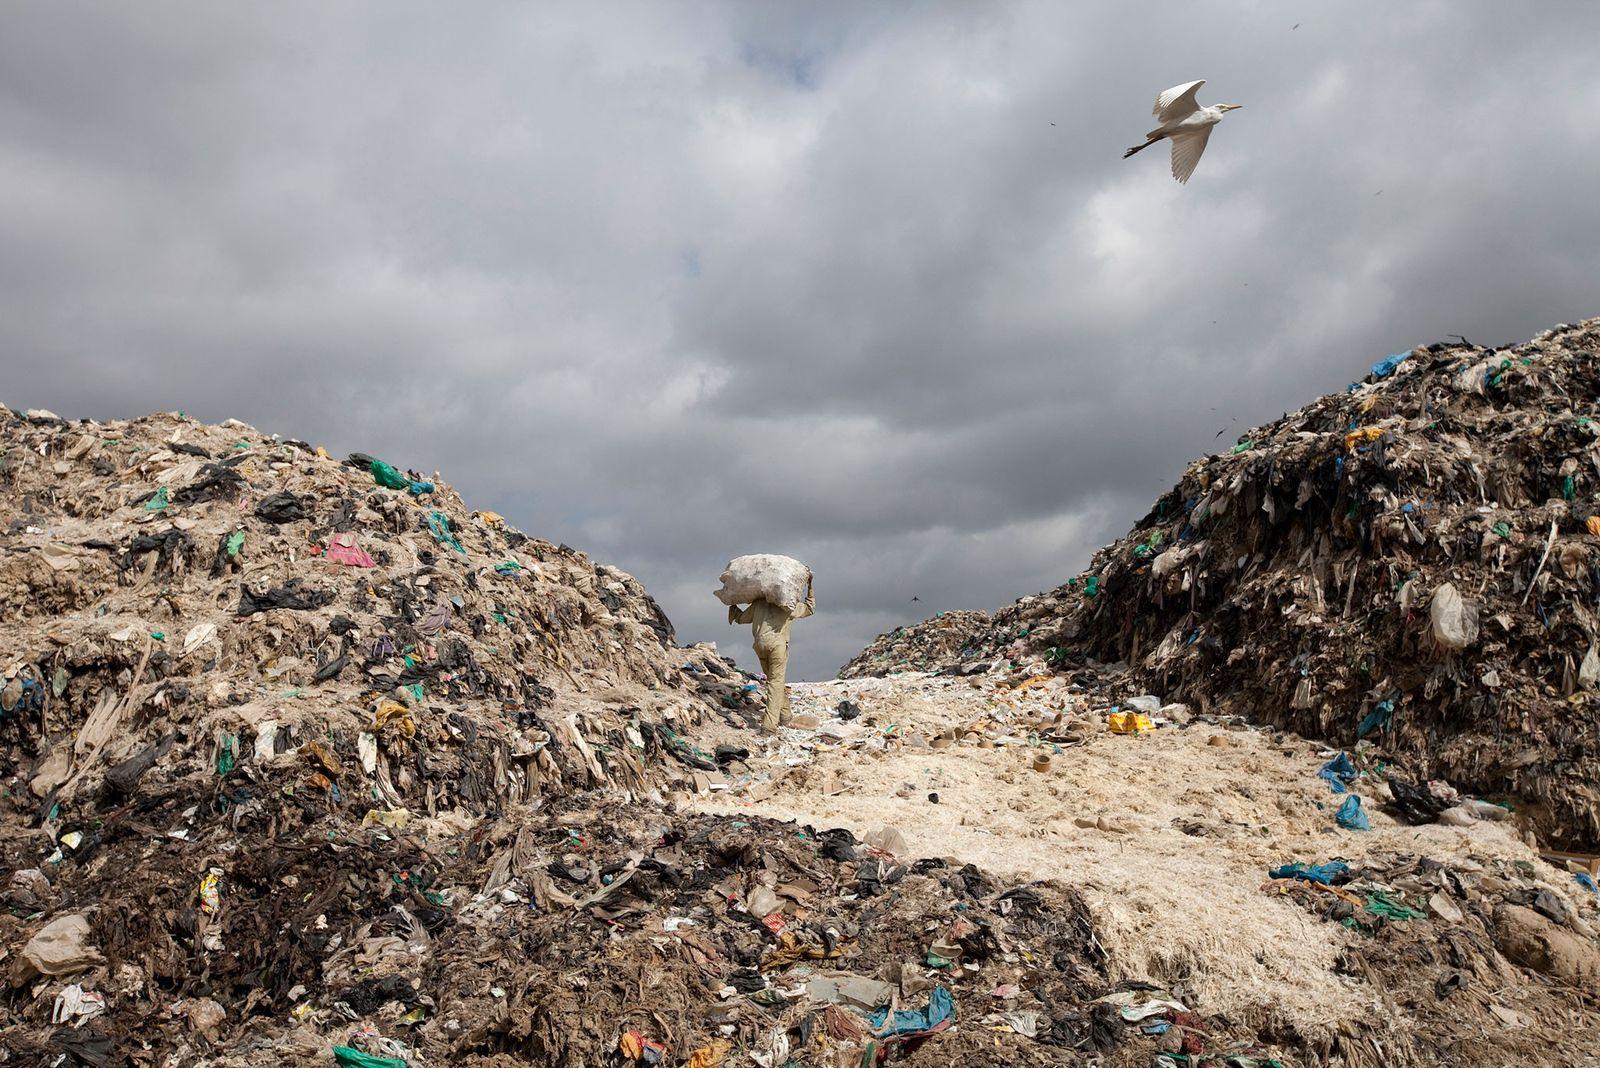 Aumentan las prohibiciones de bolsas de plástico, pero ¿son eficaces?